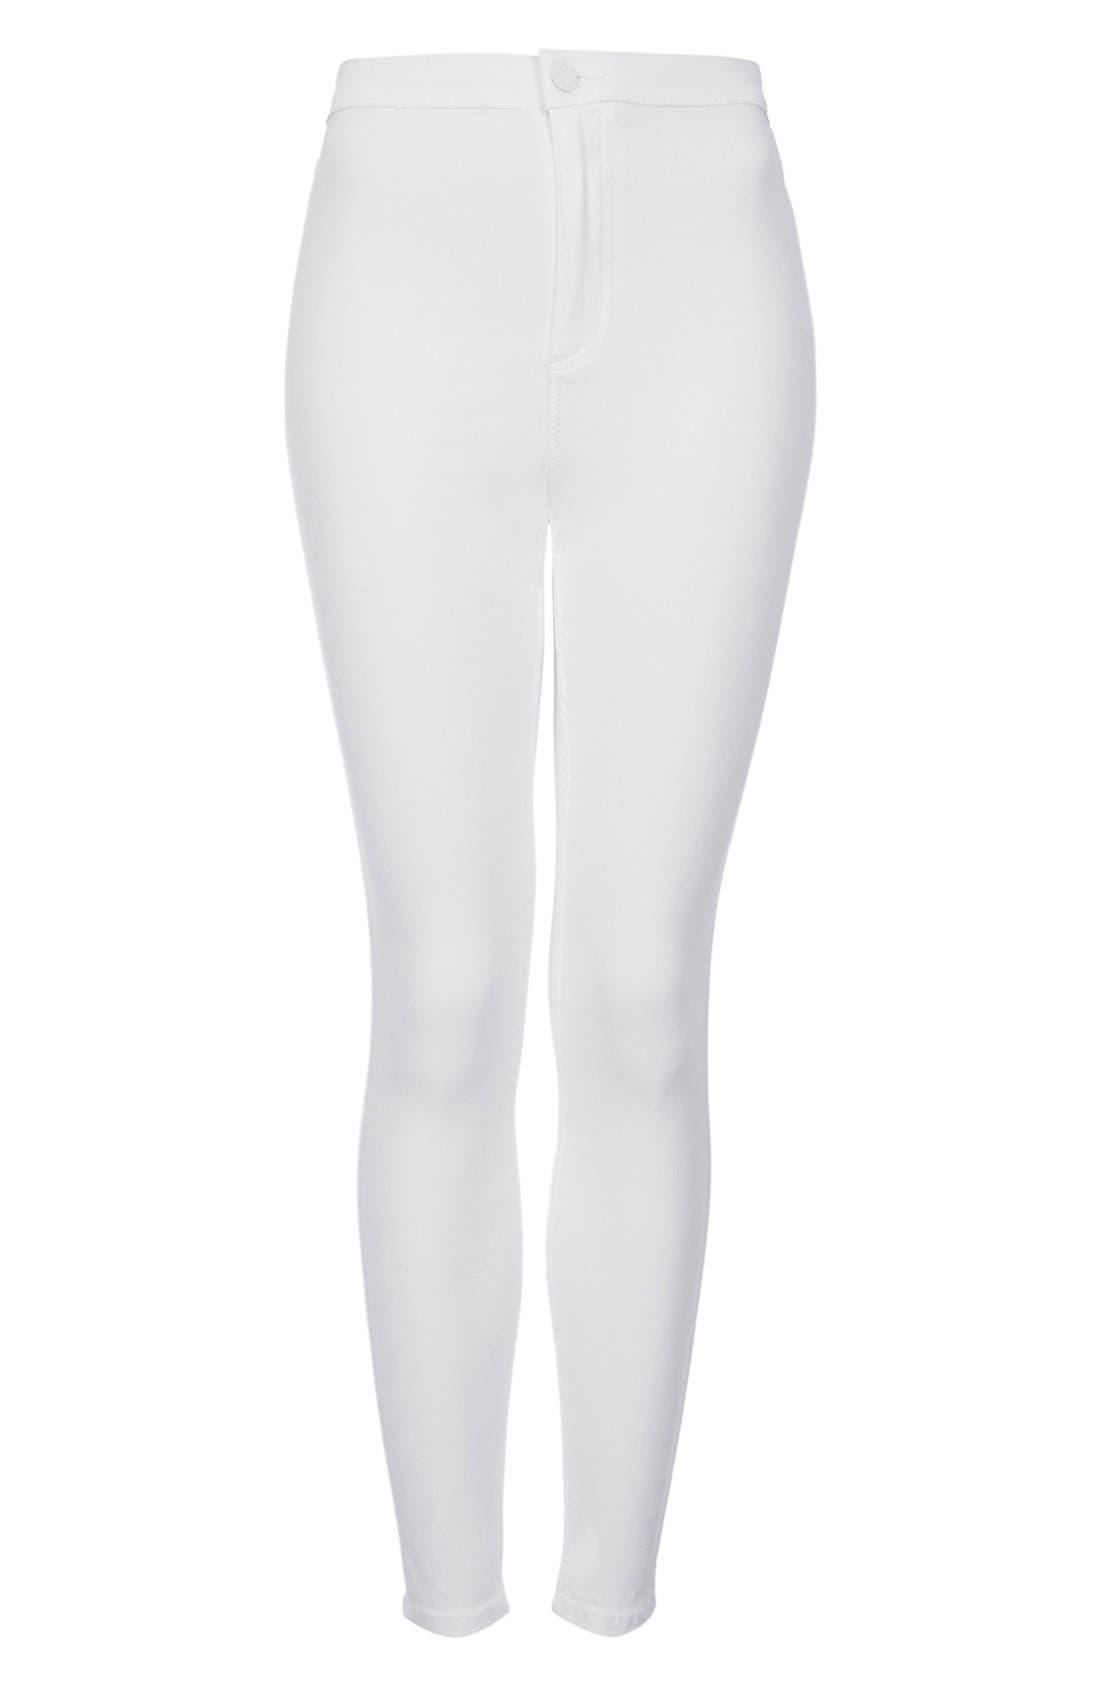 Alternate Image 3  - Topshop Moto 'Joni' High Rise Skinny Jeans (Petite)